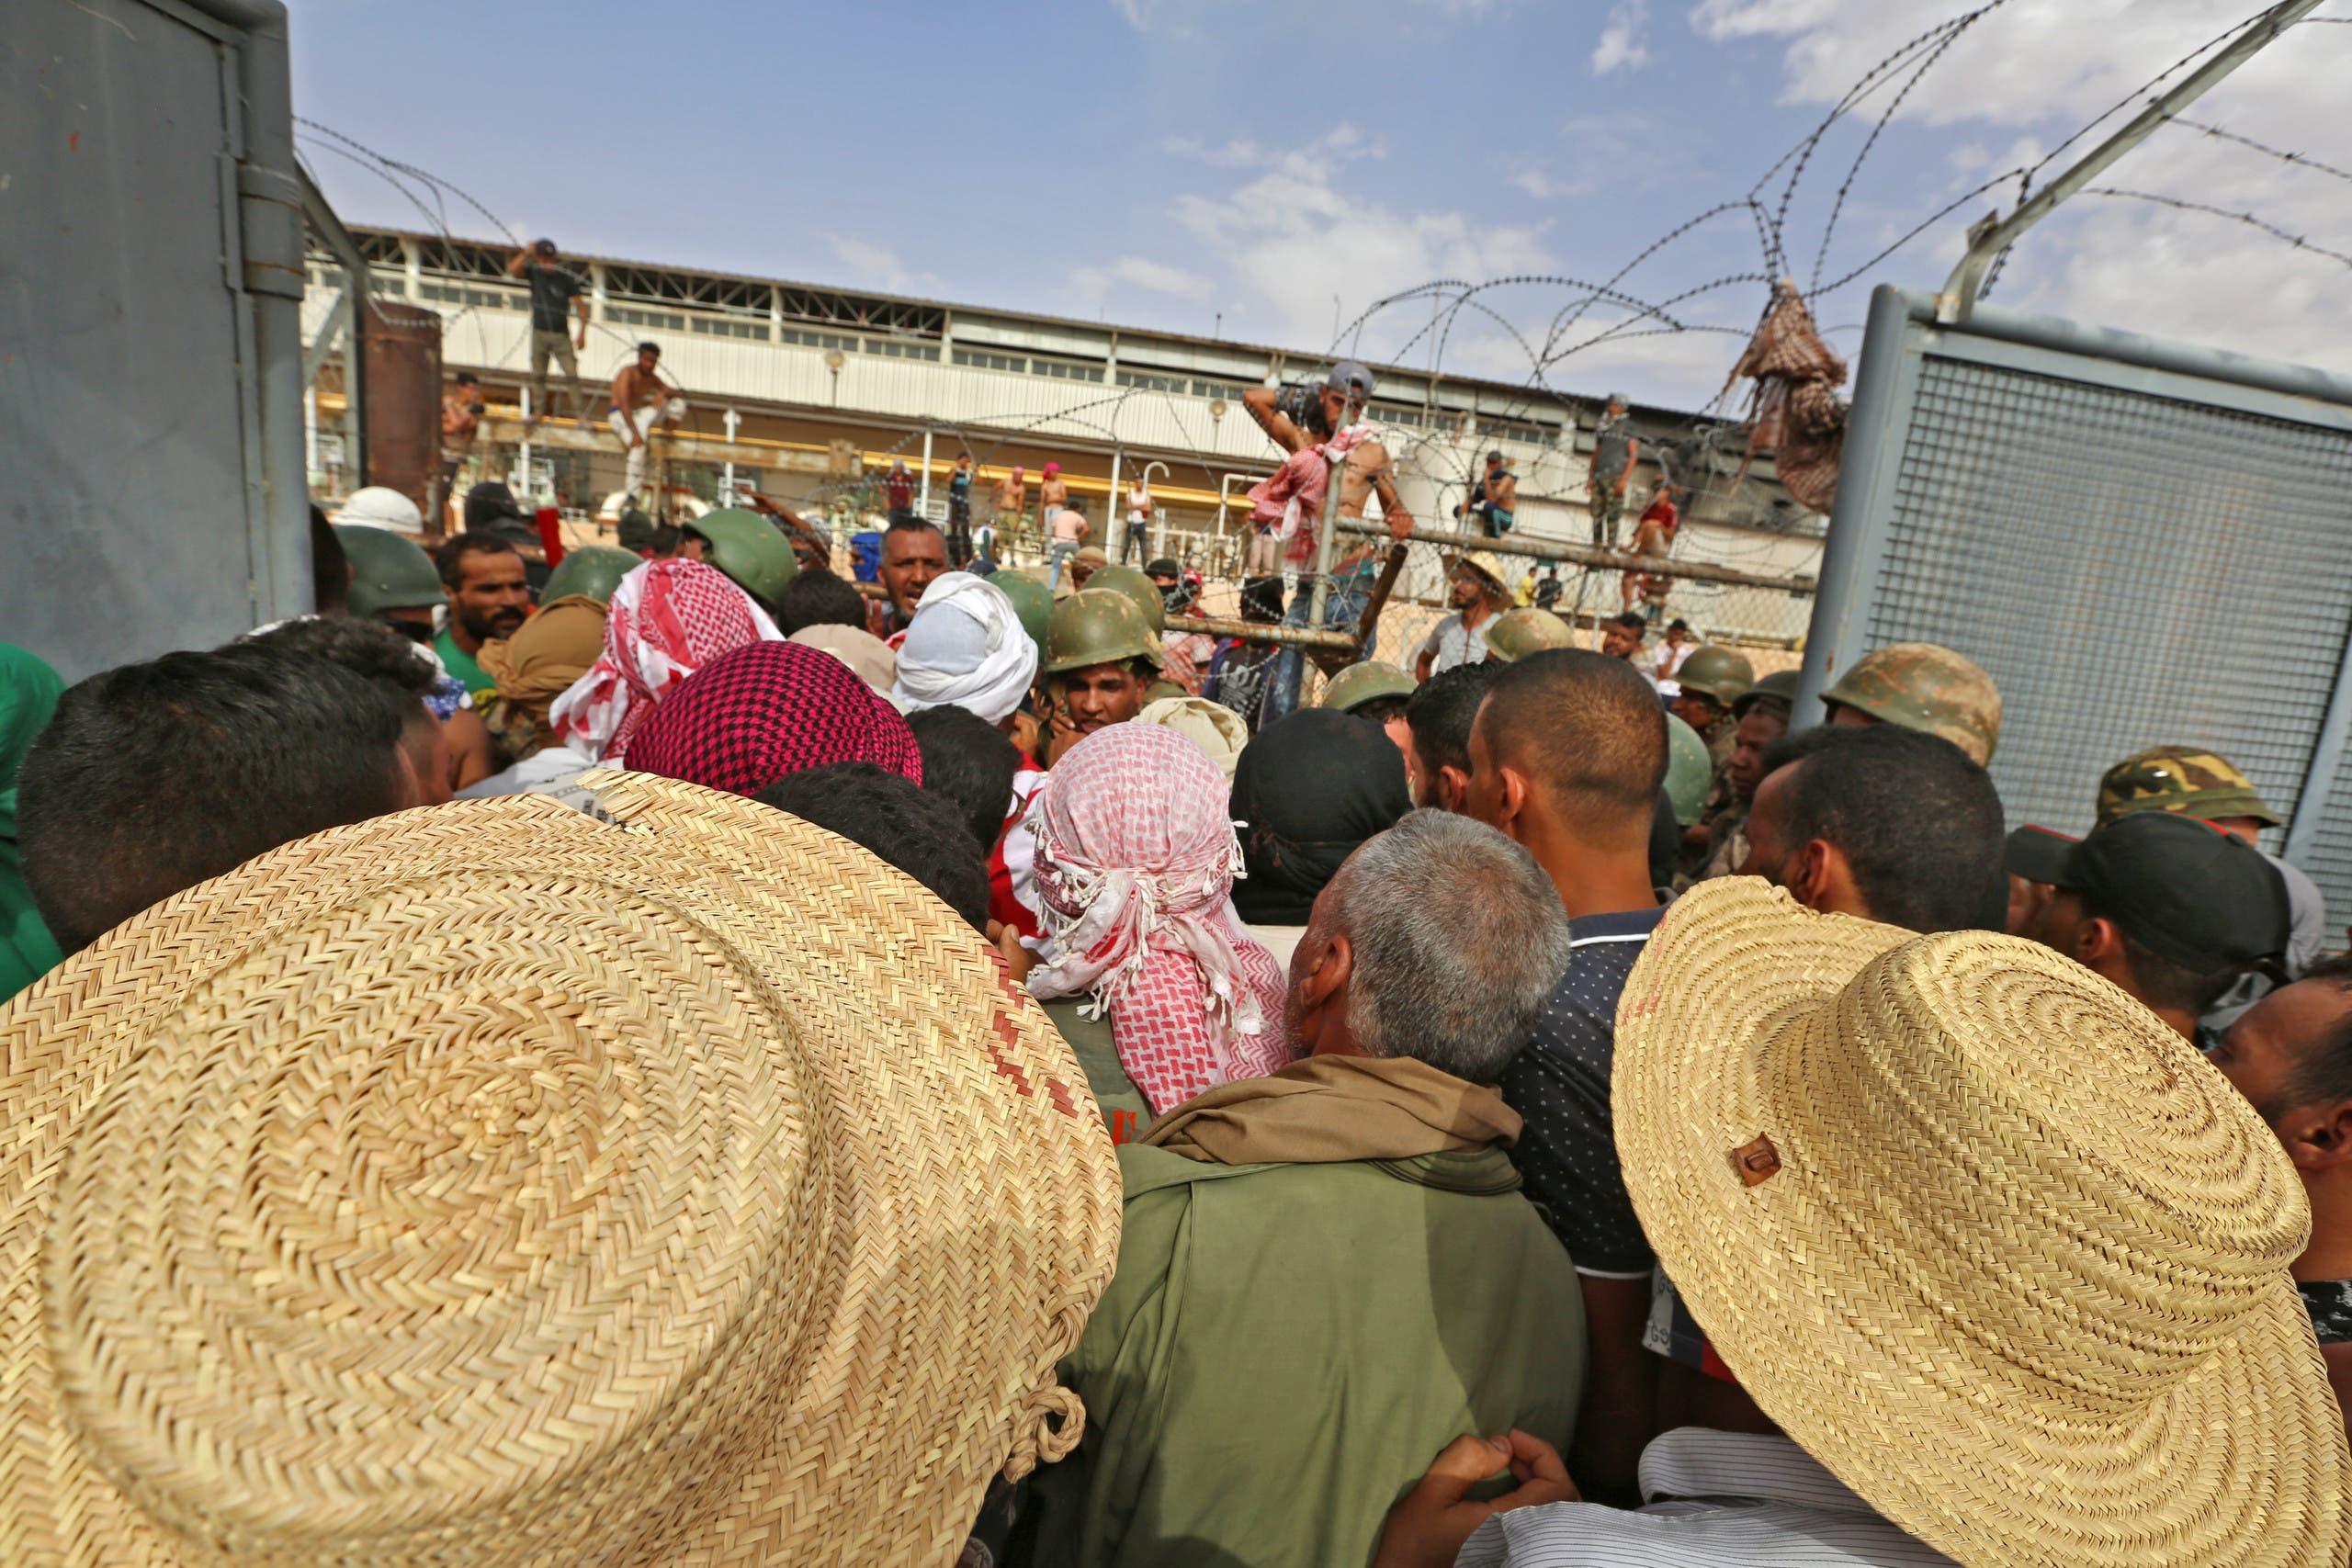 احتجاجات في تطاوين الأسبوع الماضي للمطالبة بوظائف